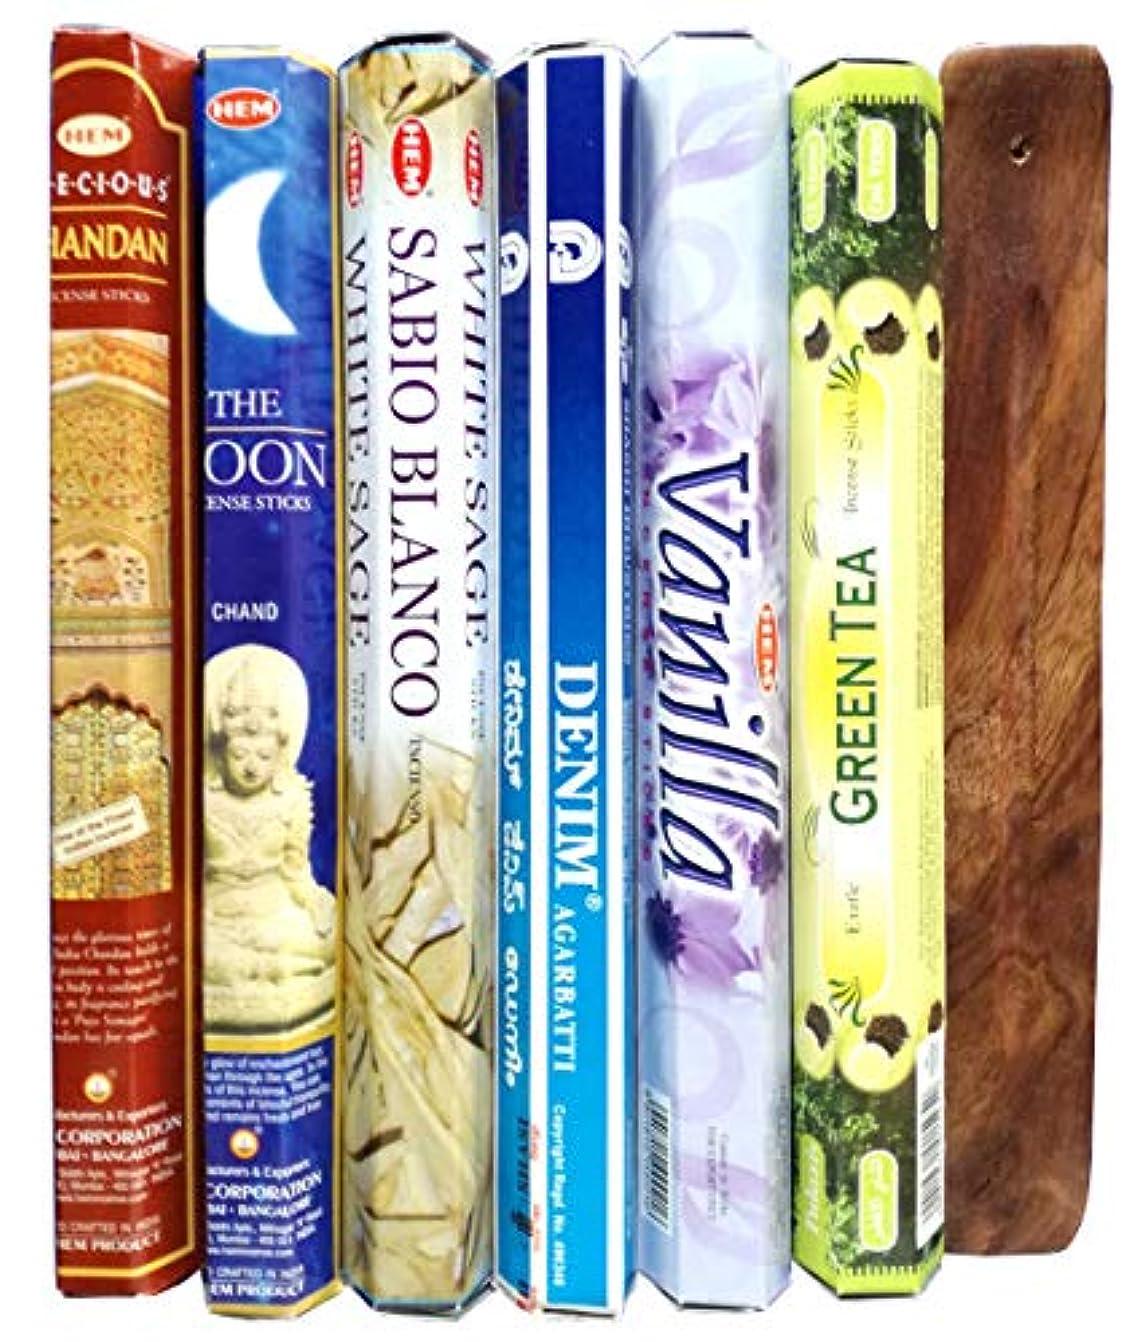 人気のインド香6種類と木の香立て付